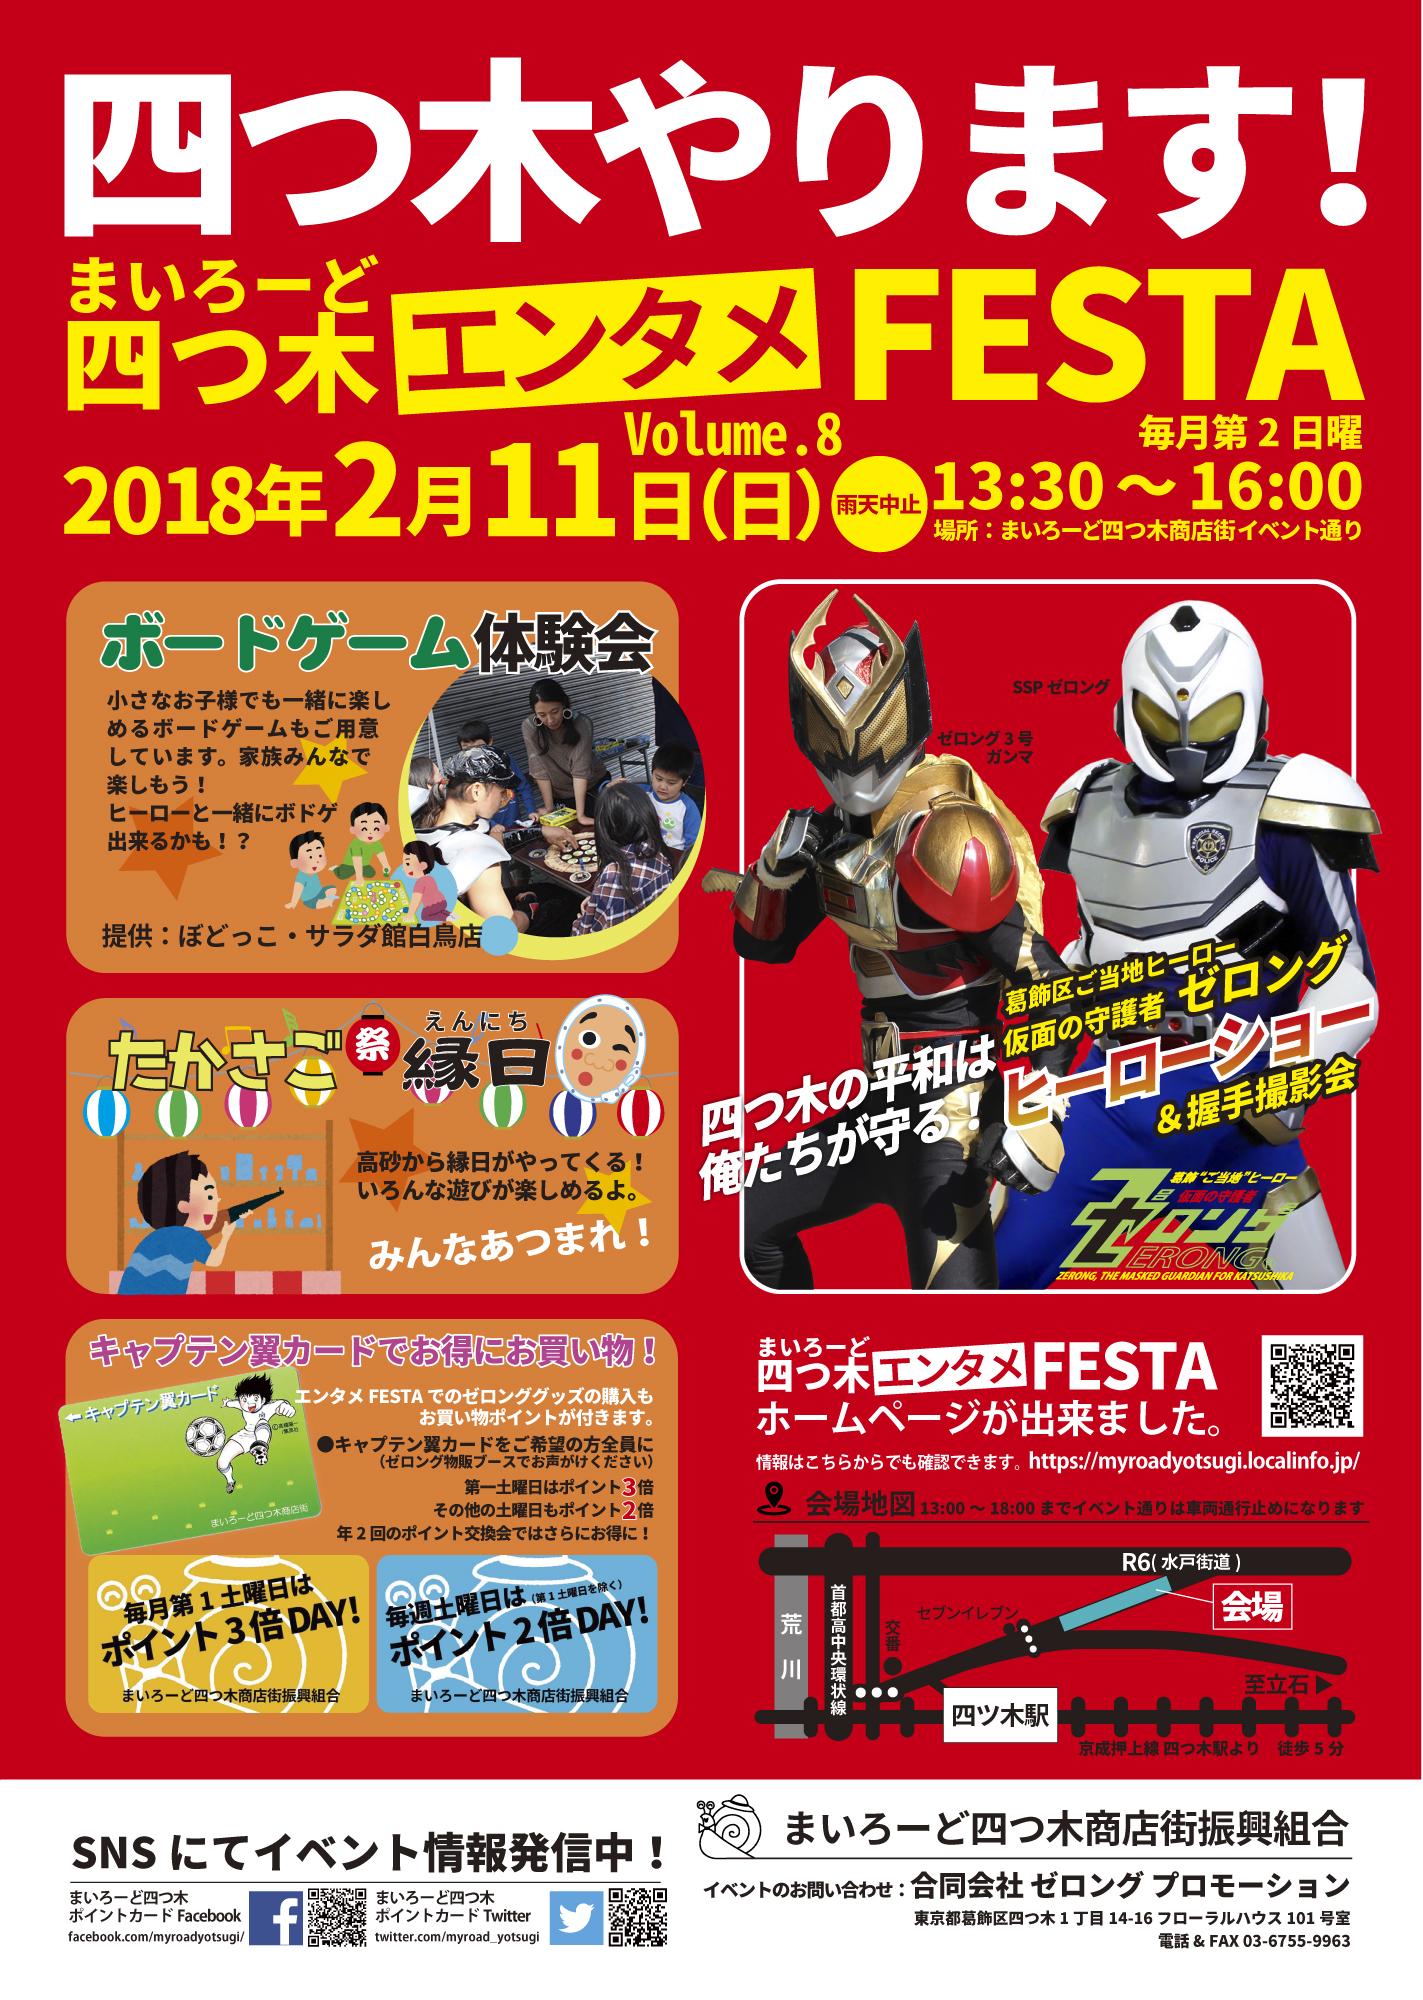 2/11(日)「まいろーど四つ木エンタメFESTA volume.8」ポスター